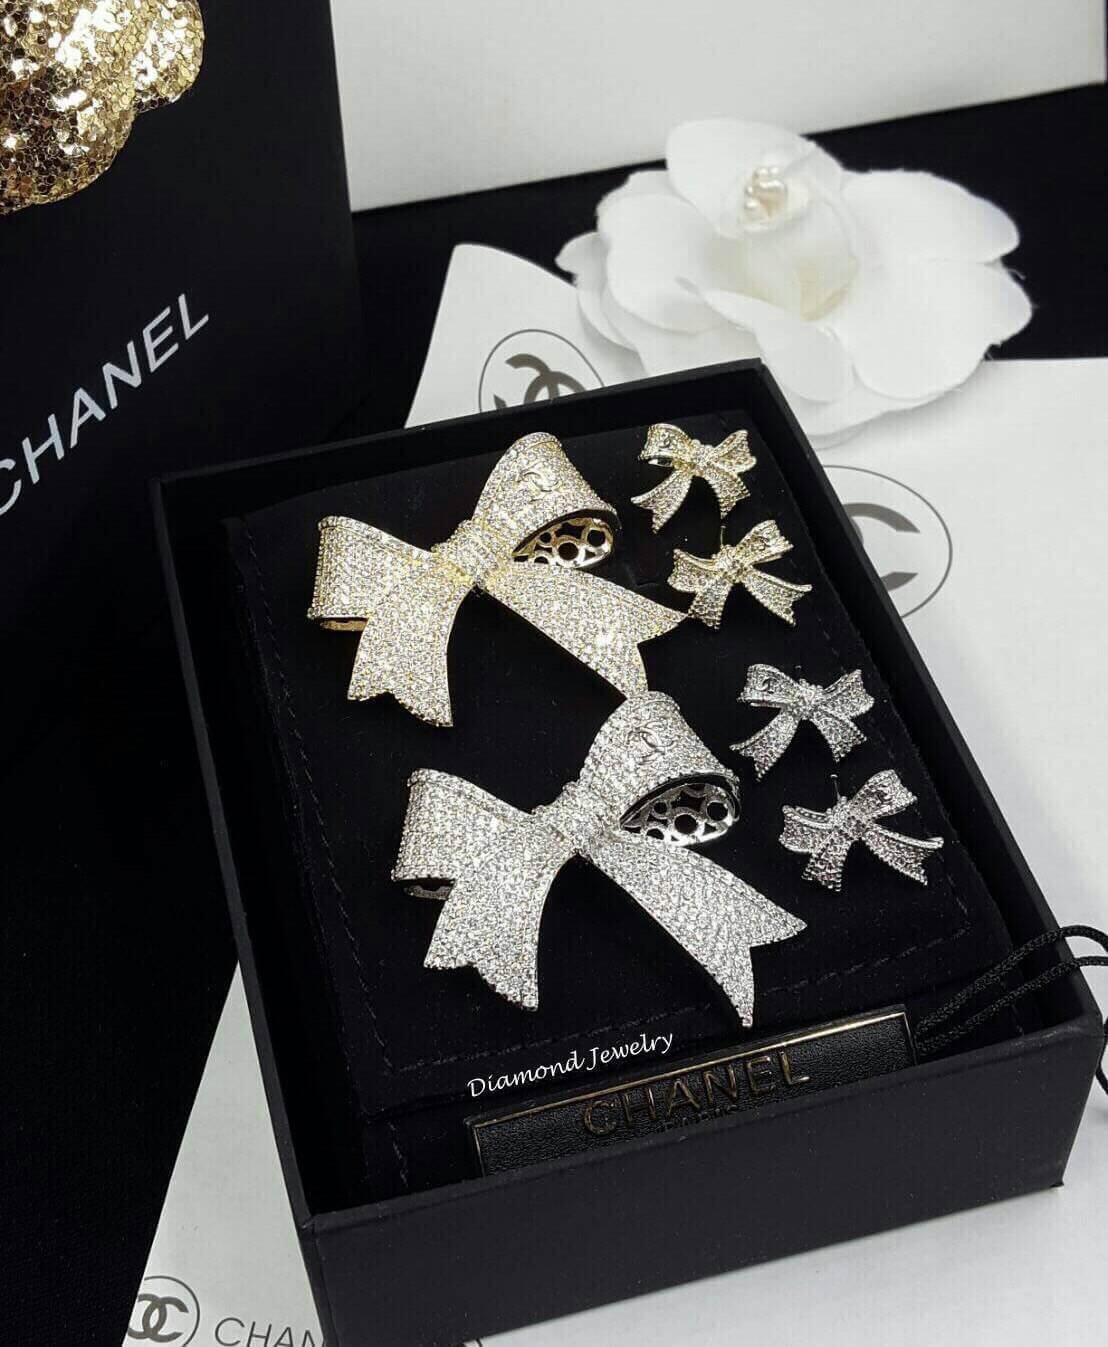 พร้อมส่ง ปรบมือ 5 ล้านทีให้กับ Chanel Brooch